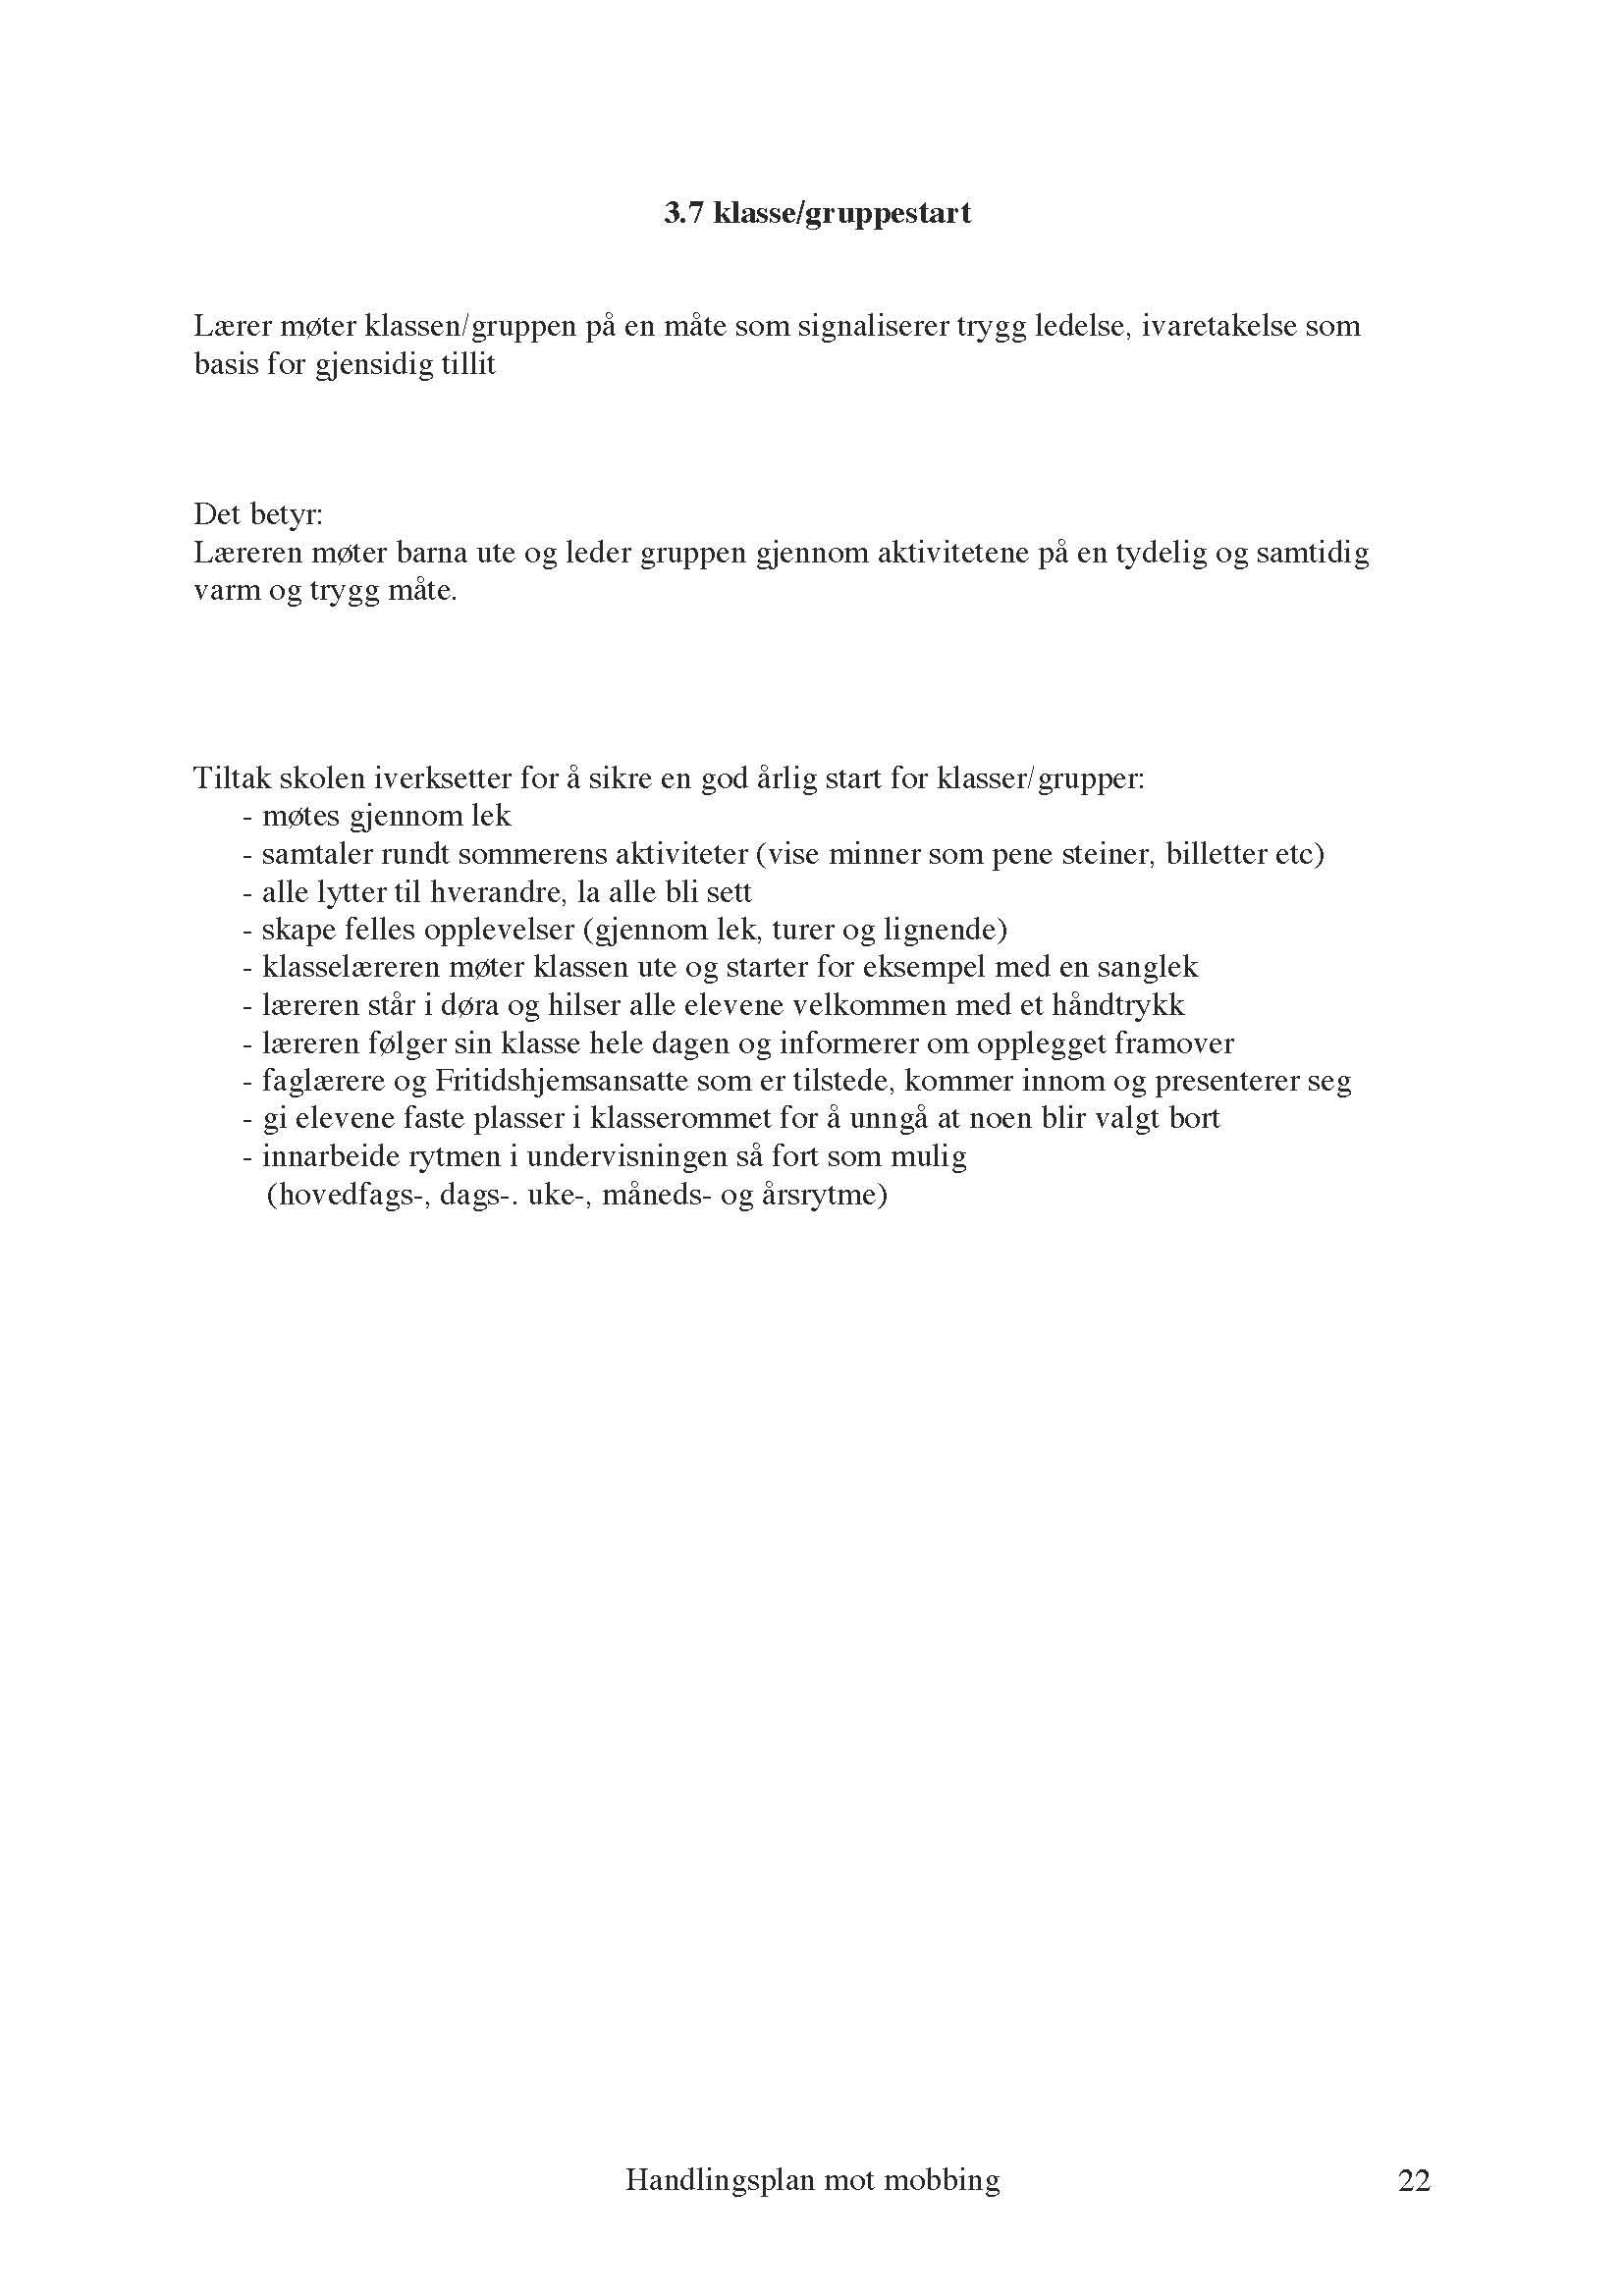 Handlingsplan mot mobbing _Page_22.jpg